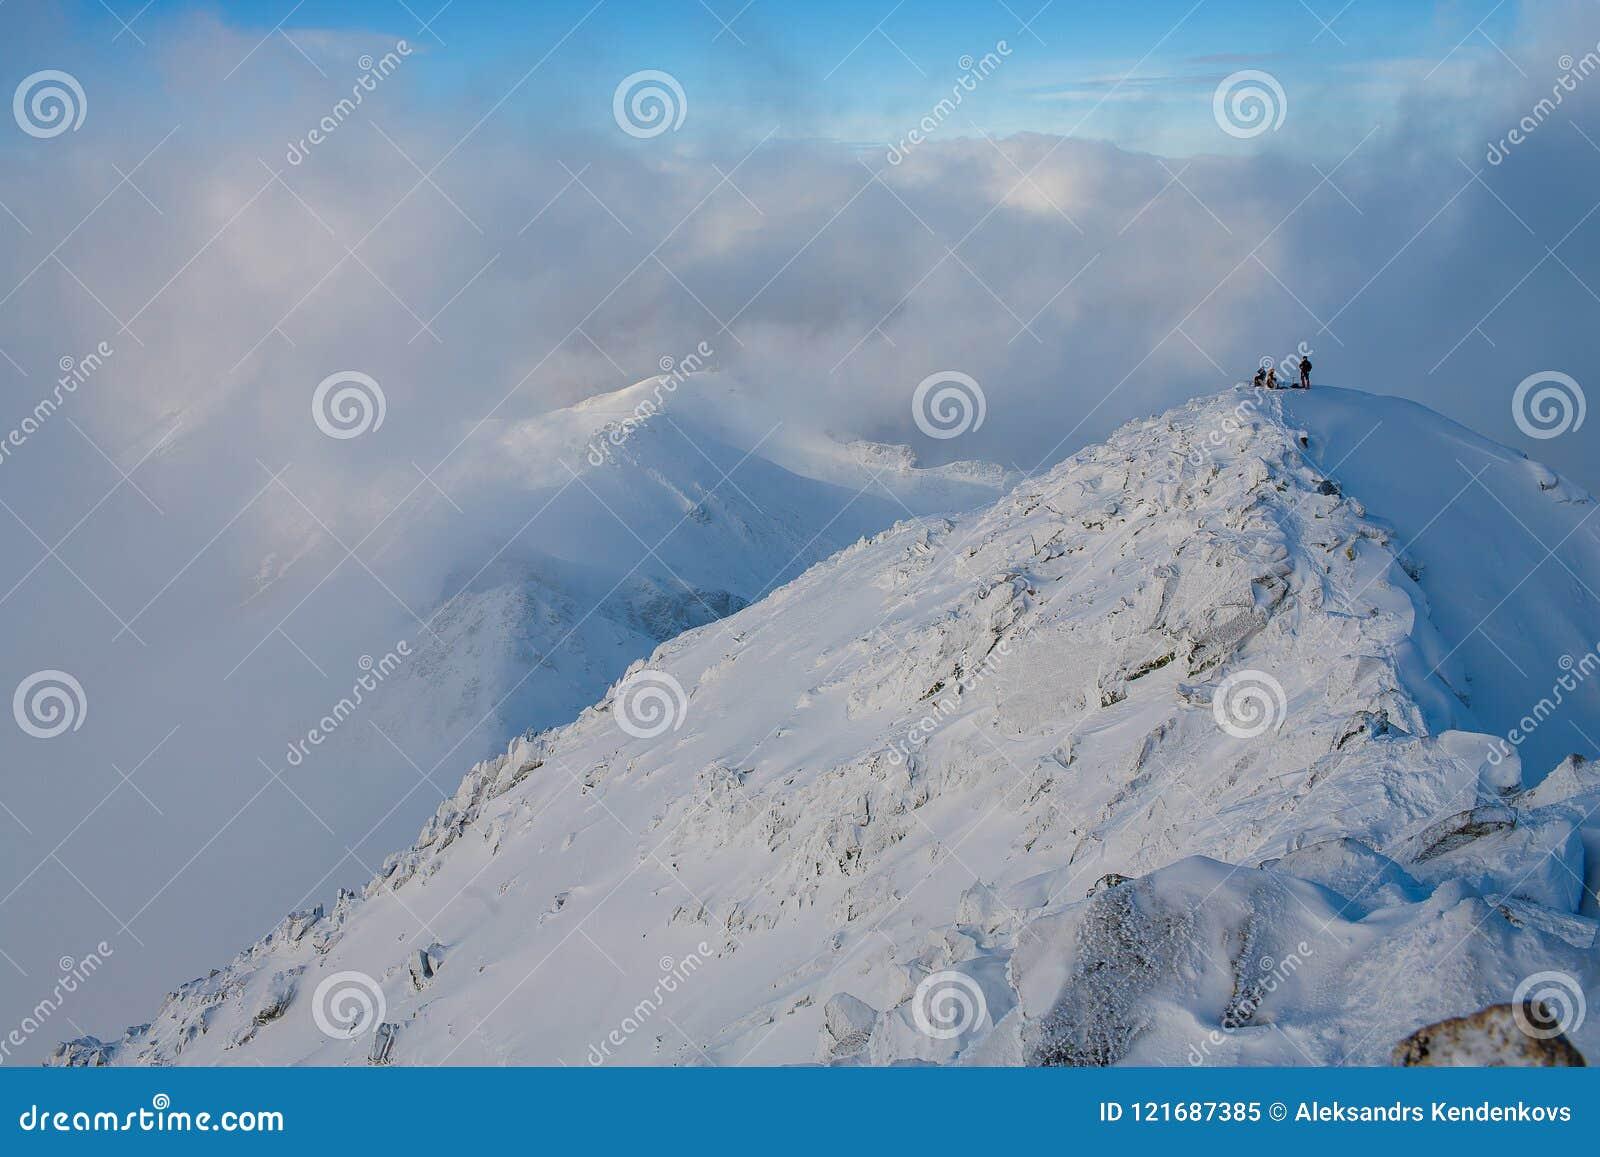 Ομαδική εργασία στον αλπινισμό ορειβασία Πέρασμα του βουνού